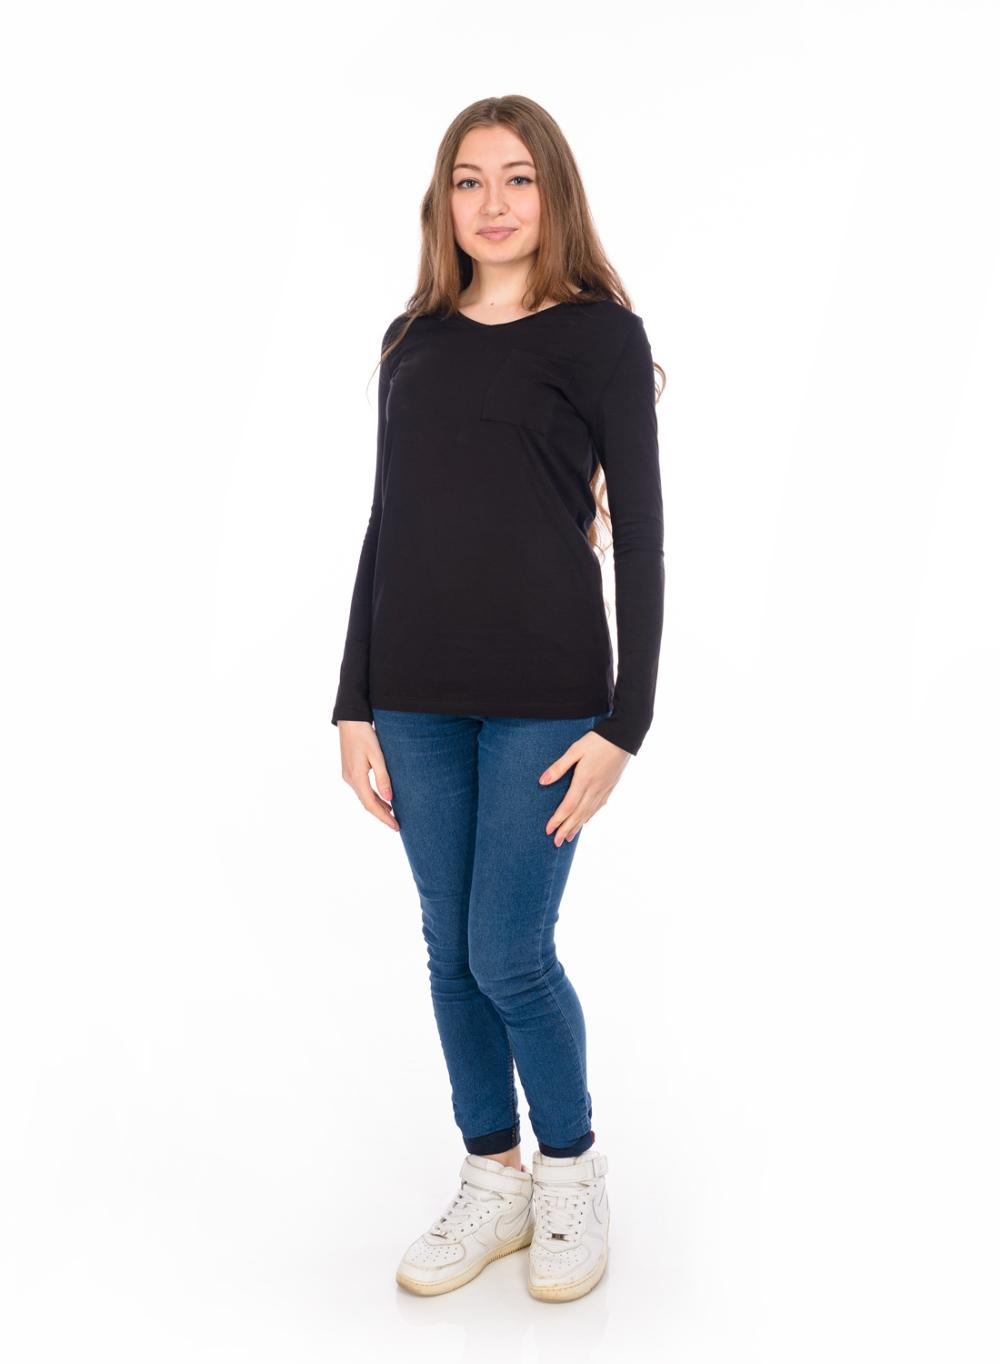 БлузкаДжемперы<br>Универсальная блузка с длинными рукавами. Модель выполнена из эластичного трикотажа. Отличный выбор для повседневного гардероба.  Цвет: черный  Ростовка изделия 170 см.<br><br>Горловина: С- горловина<br>По материалу: Трикотаж,Хлопок<br>По образу: Город<br>По рисунку: Однотонные<br>По сезону: Всесезон,Зима,Лето,Осень,Весна<br>По силуэту: Полуприталенные<br>По стилю: Повседневный стиль<br>По элементам: С карманами<br>Рукав: Длинный рукав<br>Размер : 48,50<br>Материал: Трикотаж<br>Количество в наличии: 2